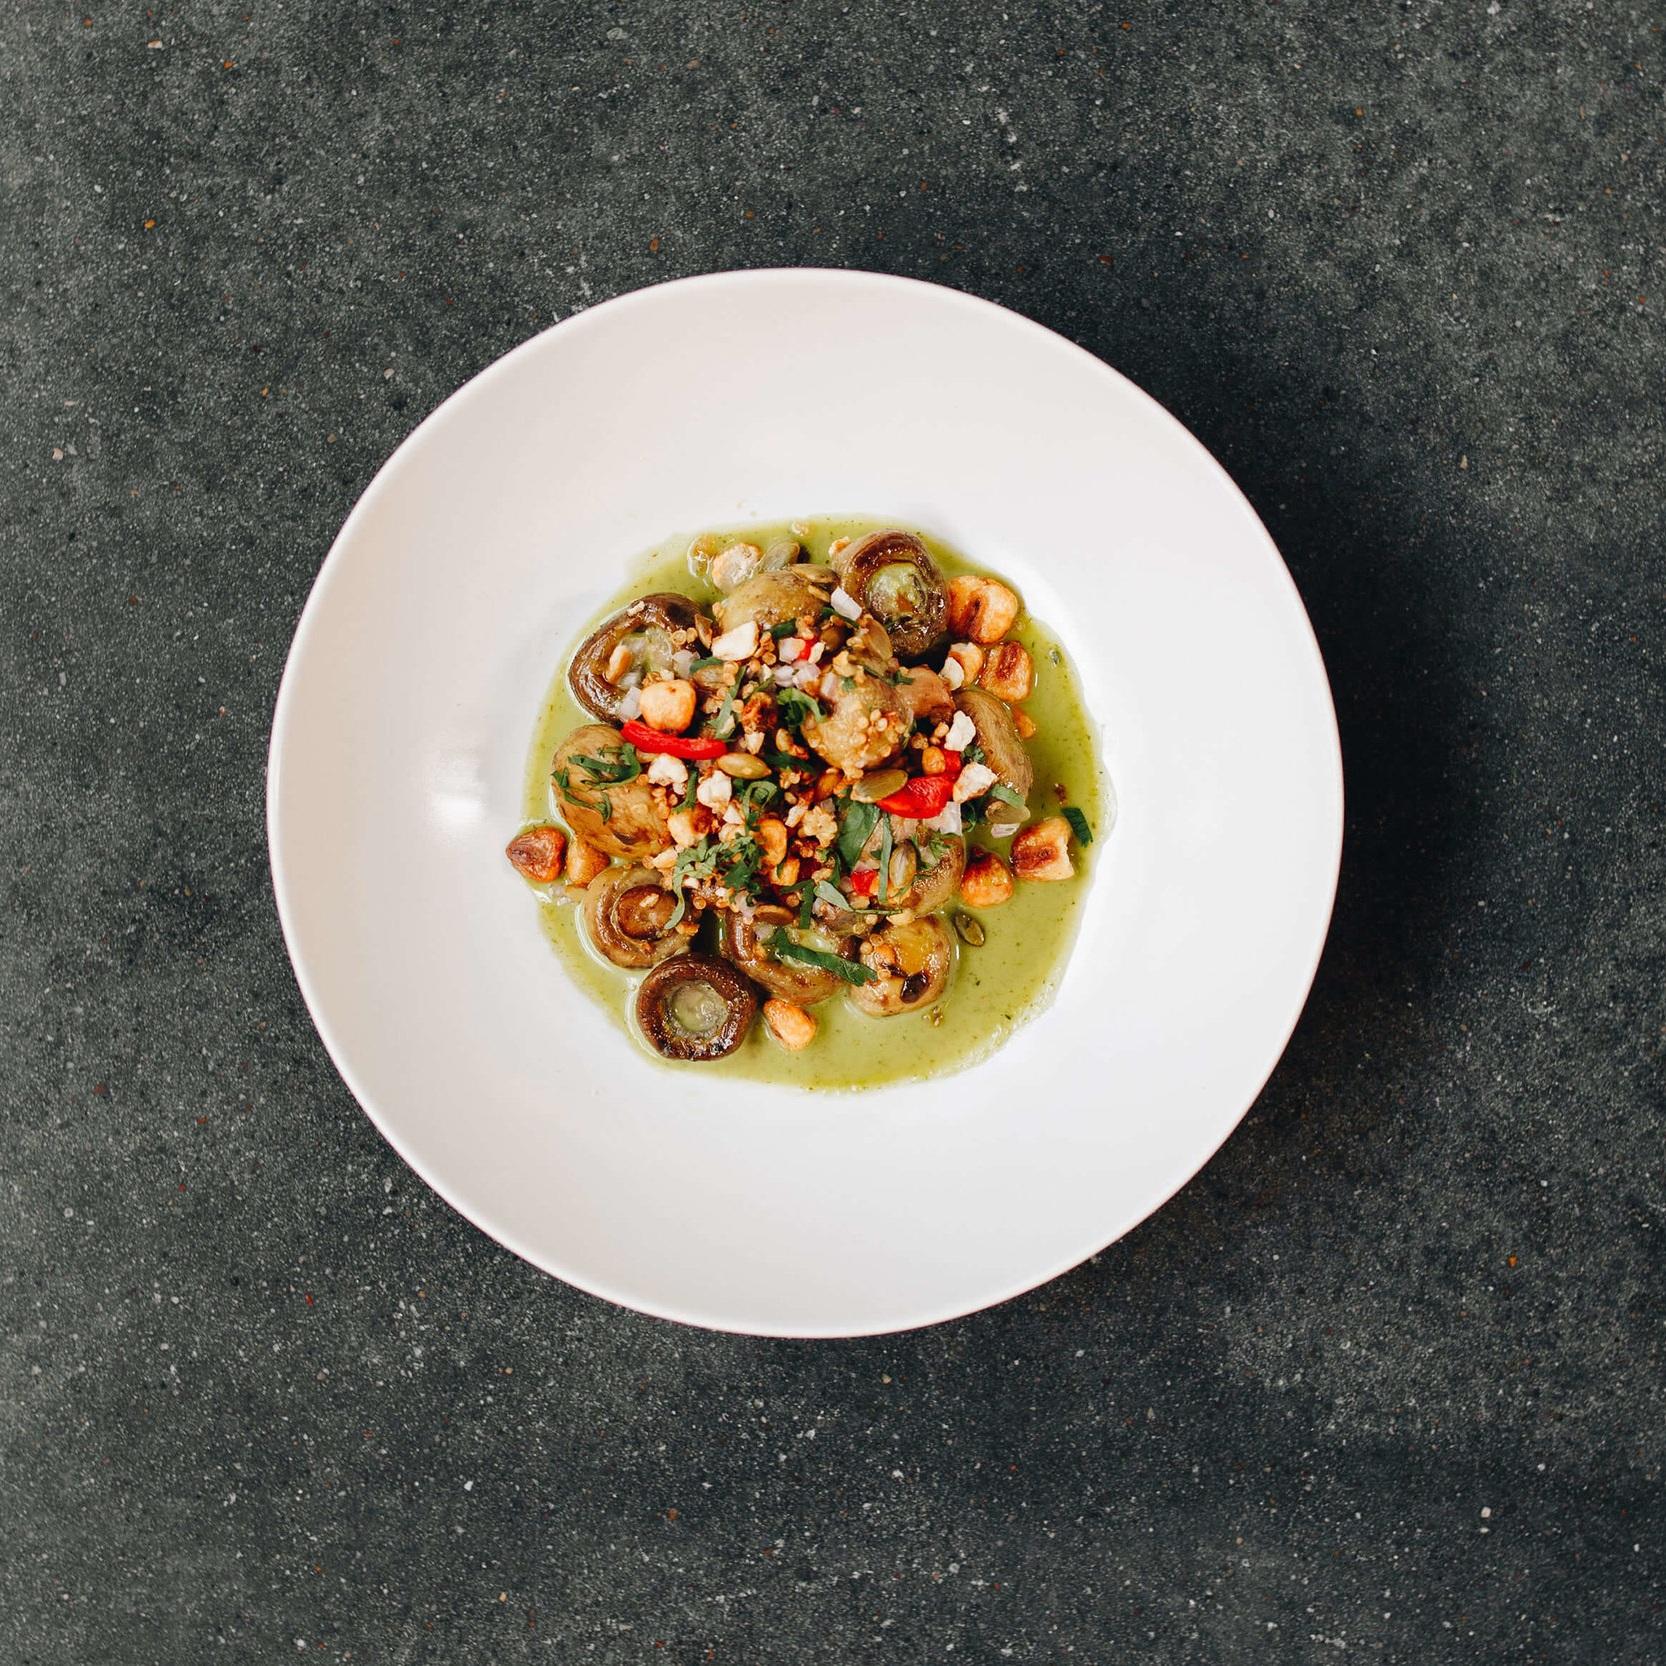 Mushroom Ceviche - with quinoa crunch